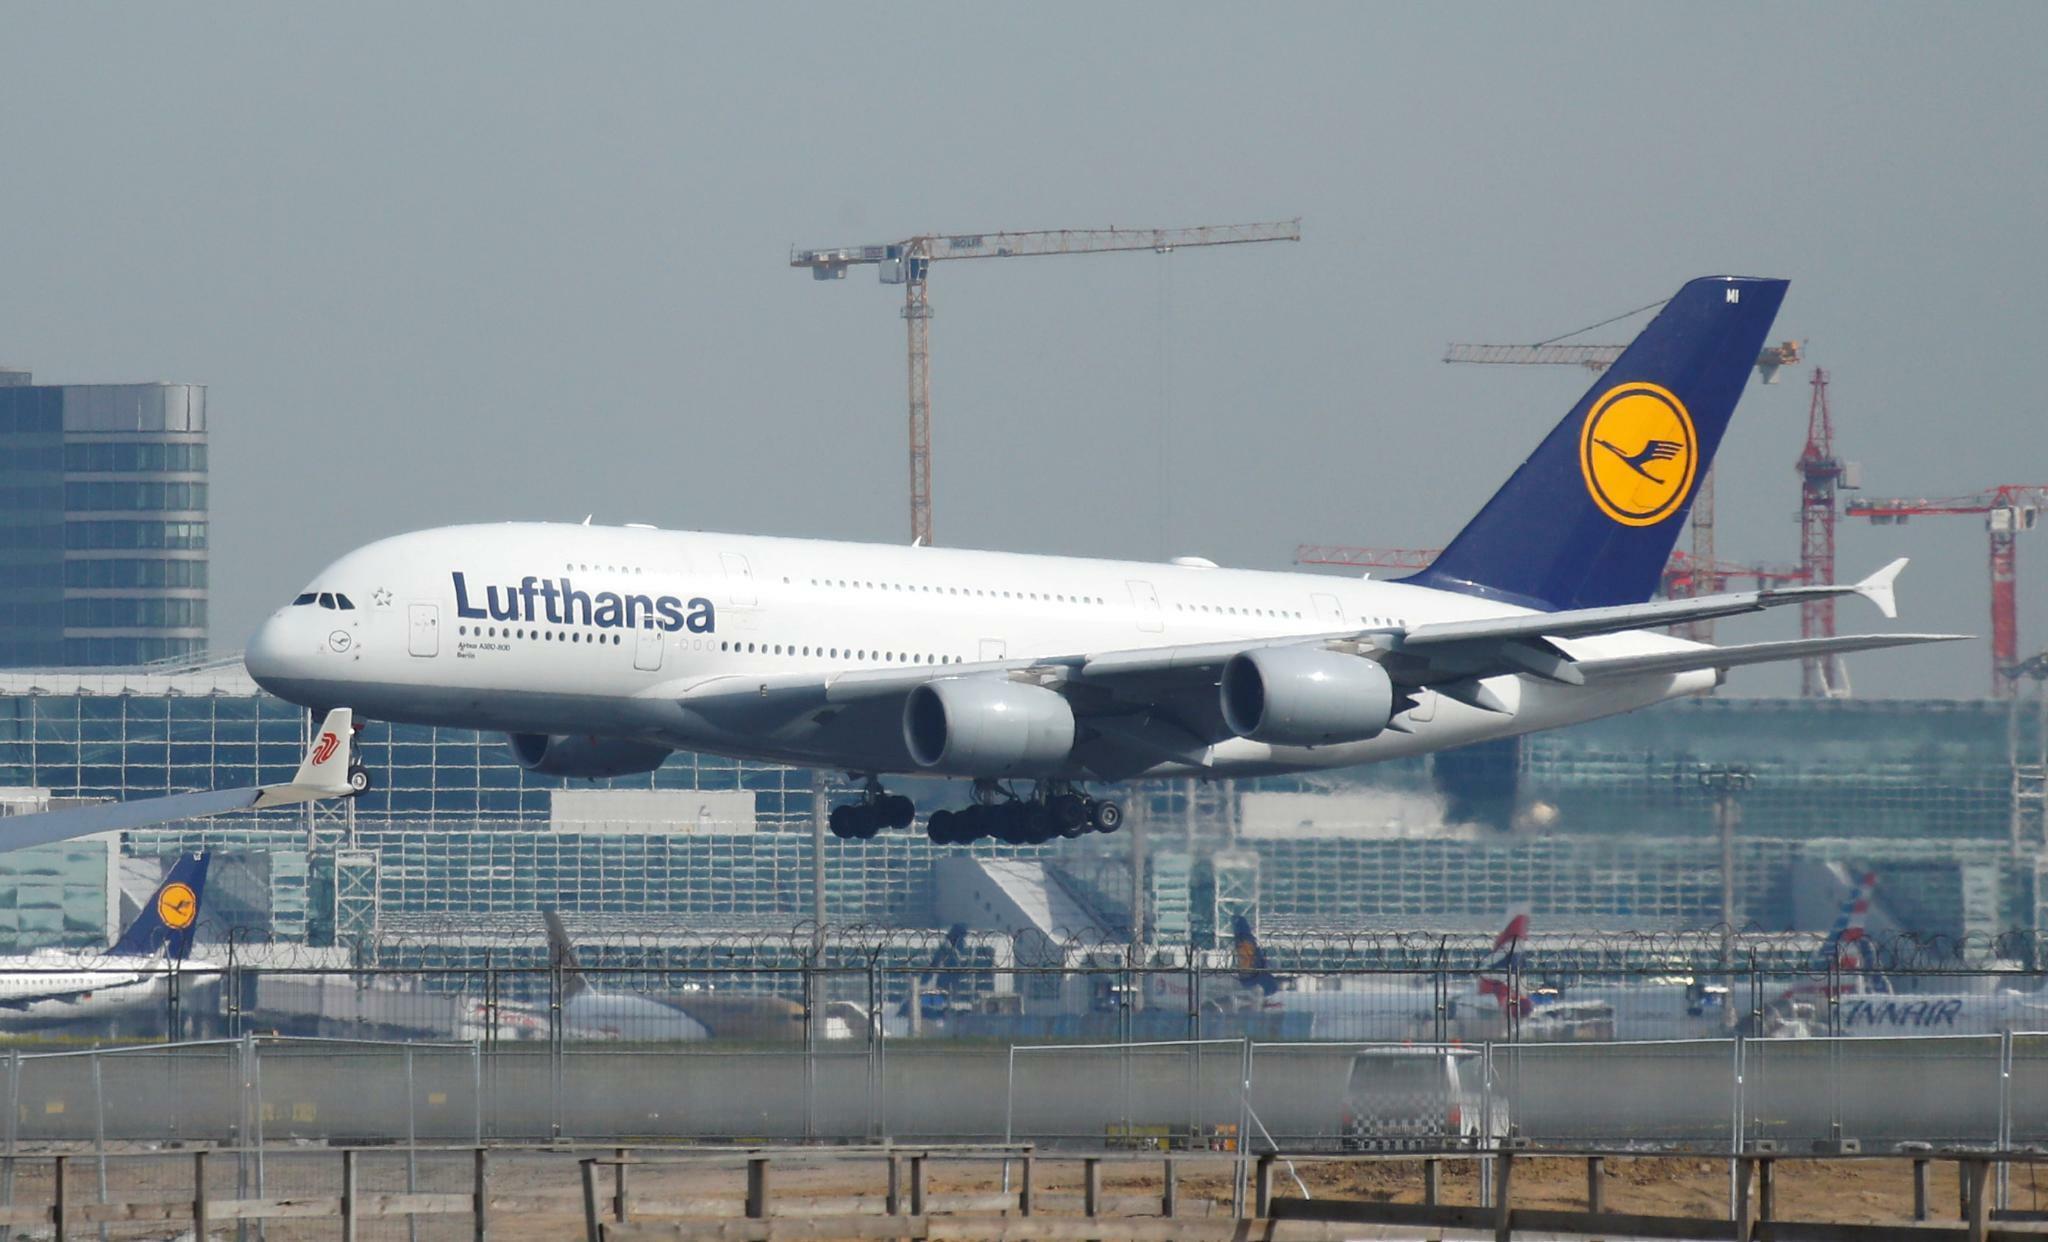 Tarifstreit: Lufthansa will nicht weiter klagen – Platzeck soll schlichten